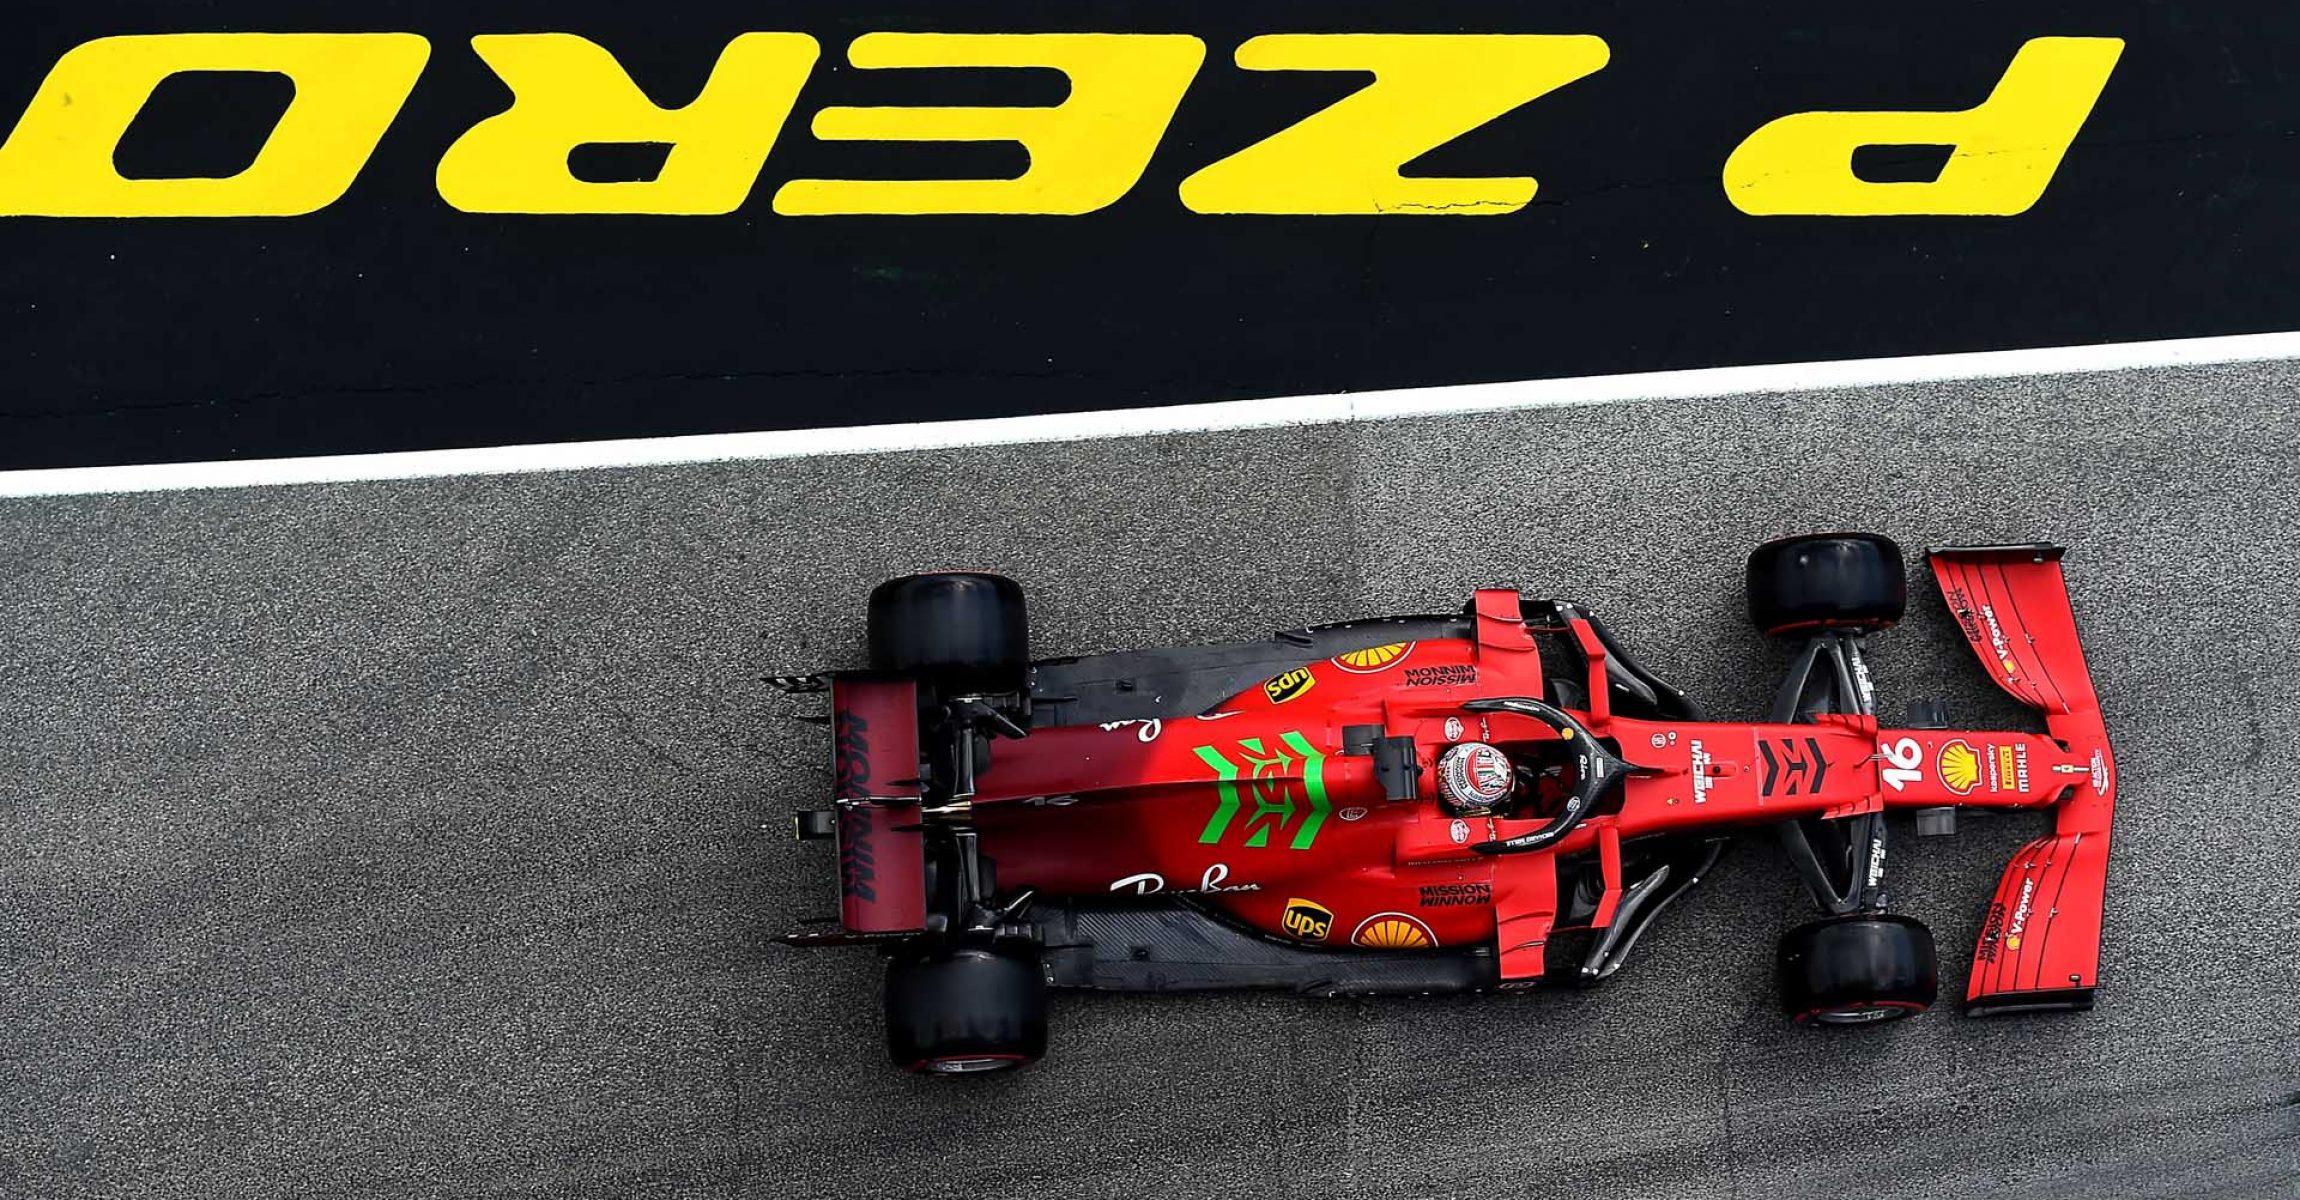 GP DELL'EMILIA ROMAGNA  F1/2021 - SABATO 17/04/2021  credit: @Scuderia Ferrari Press Office Charles Leclerc Ferrari